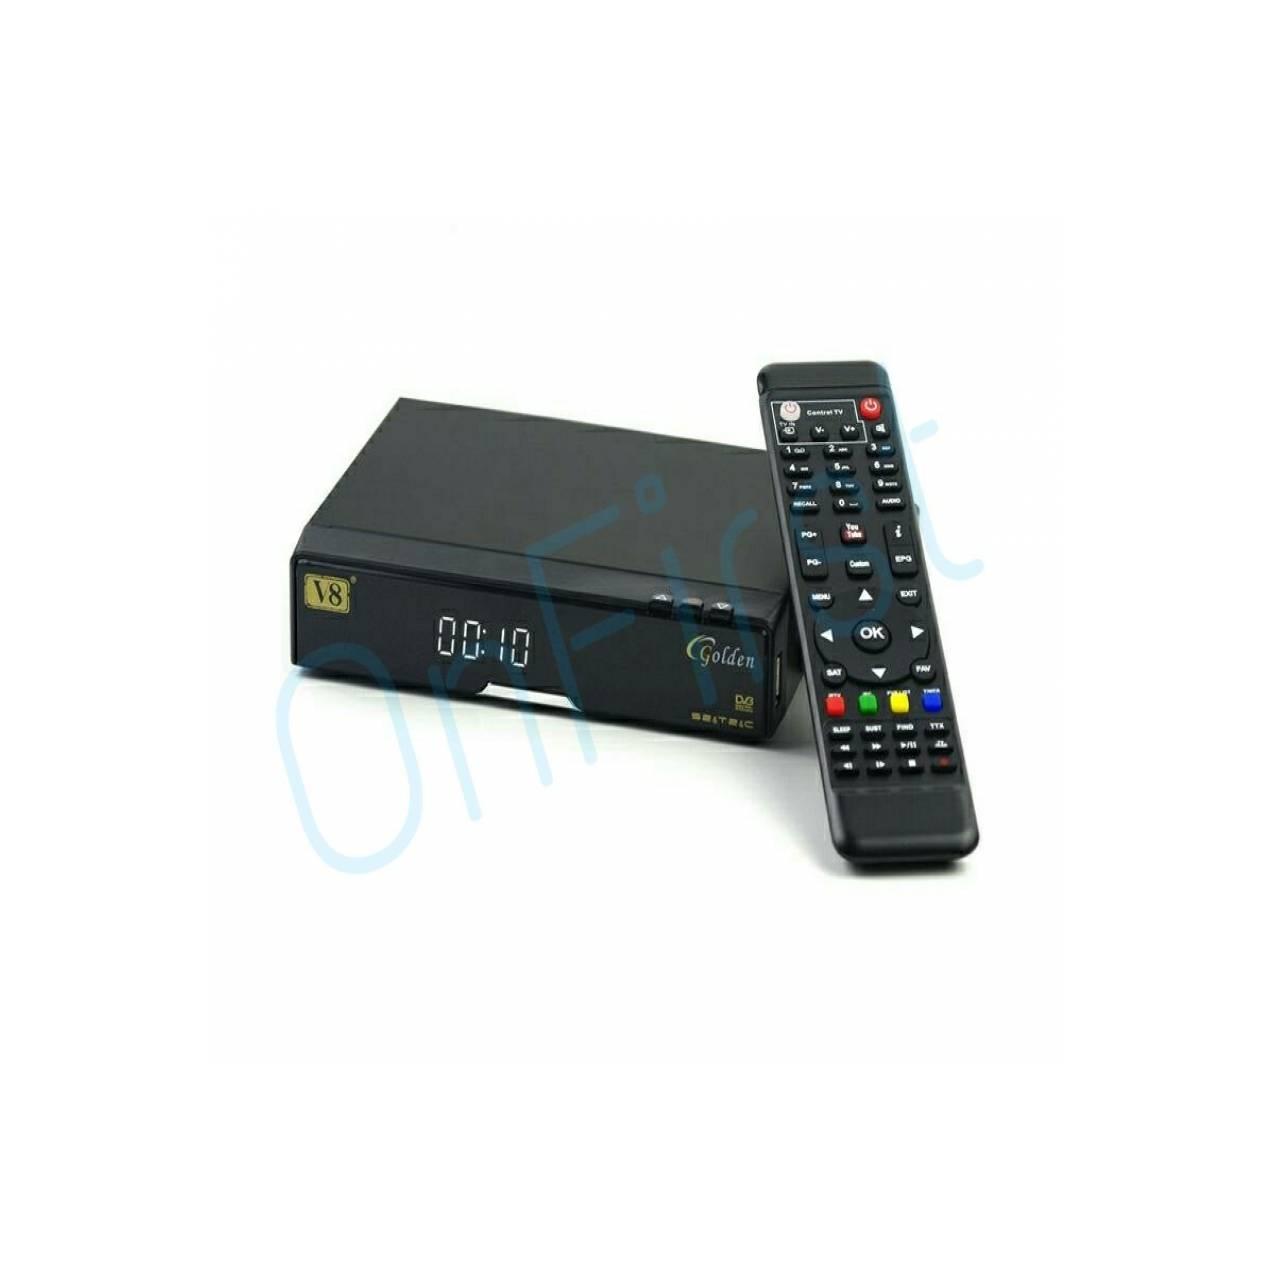 Digital Duduk Tampilan LCD Meteran Kekuatan Pencari Sinyal Satelit DIRECTV Tv Parabola - 4. Source